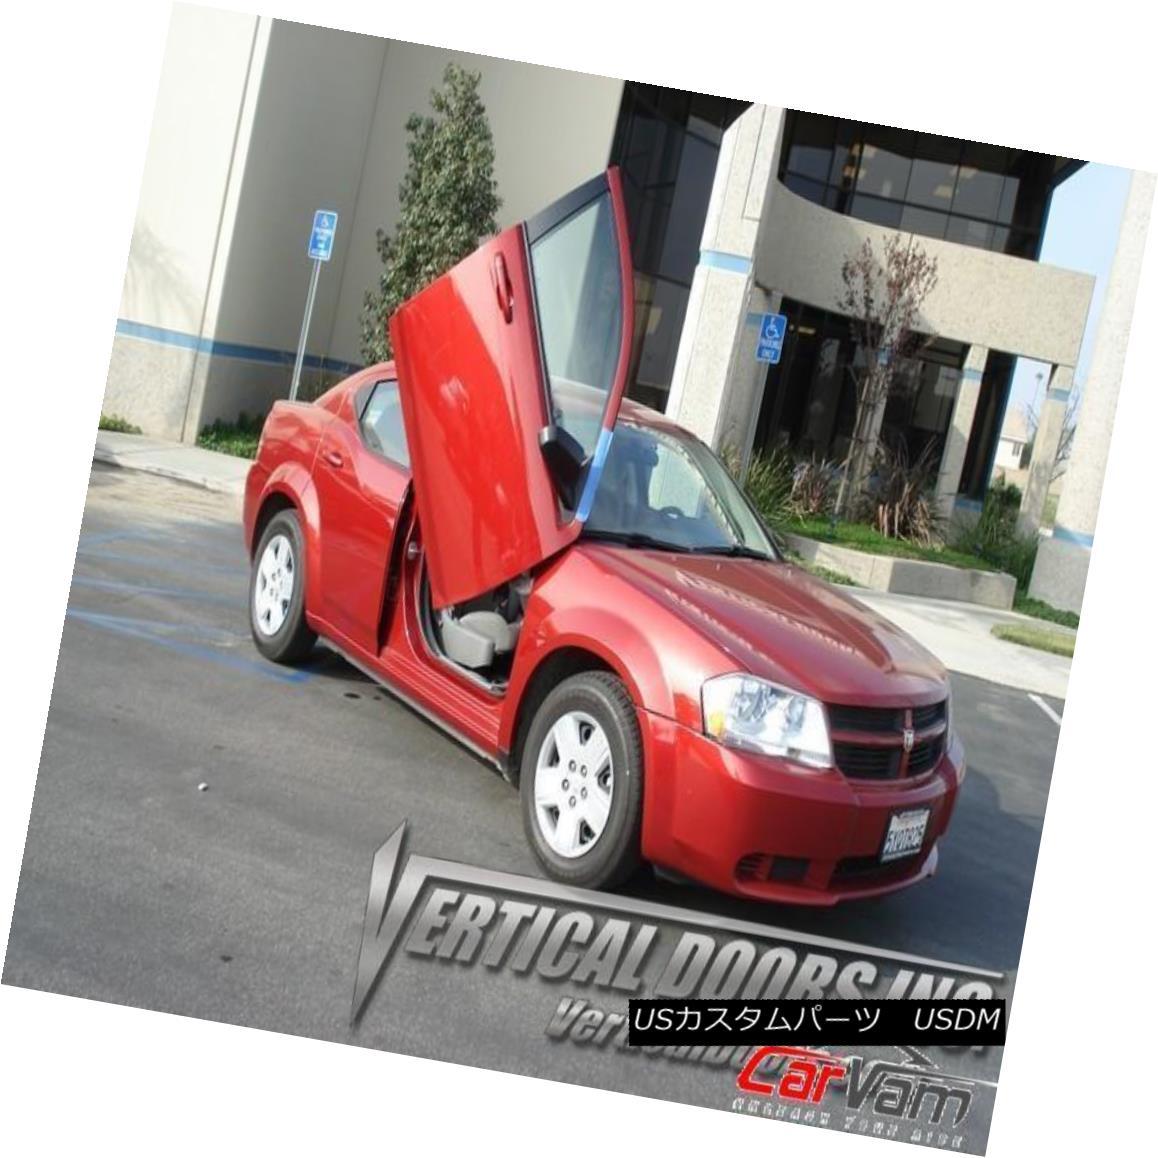 ガルウィングキット Vertical Doors - Vertical Lambo Door Kit For Dodge Avenger 2007-10 -VDCDAVE07 垂直ドア - ドッジ・アベンジャーのための垂直型ランボルギーニドアキット2007-10 -VDCDAVE07